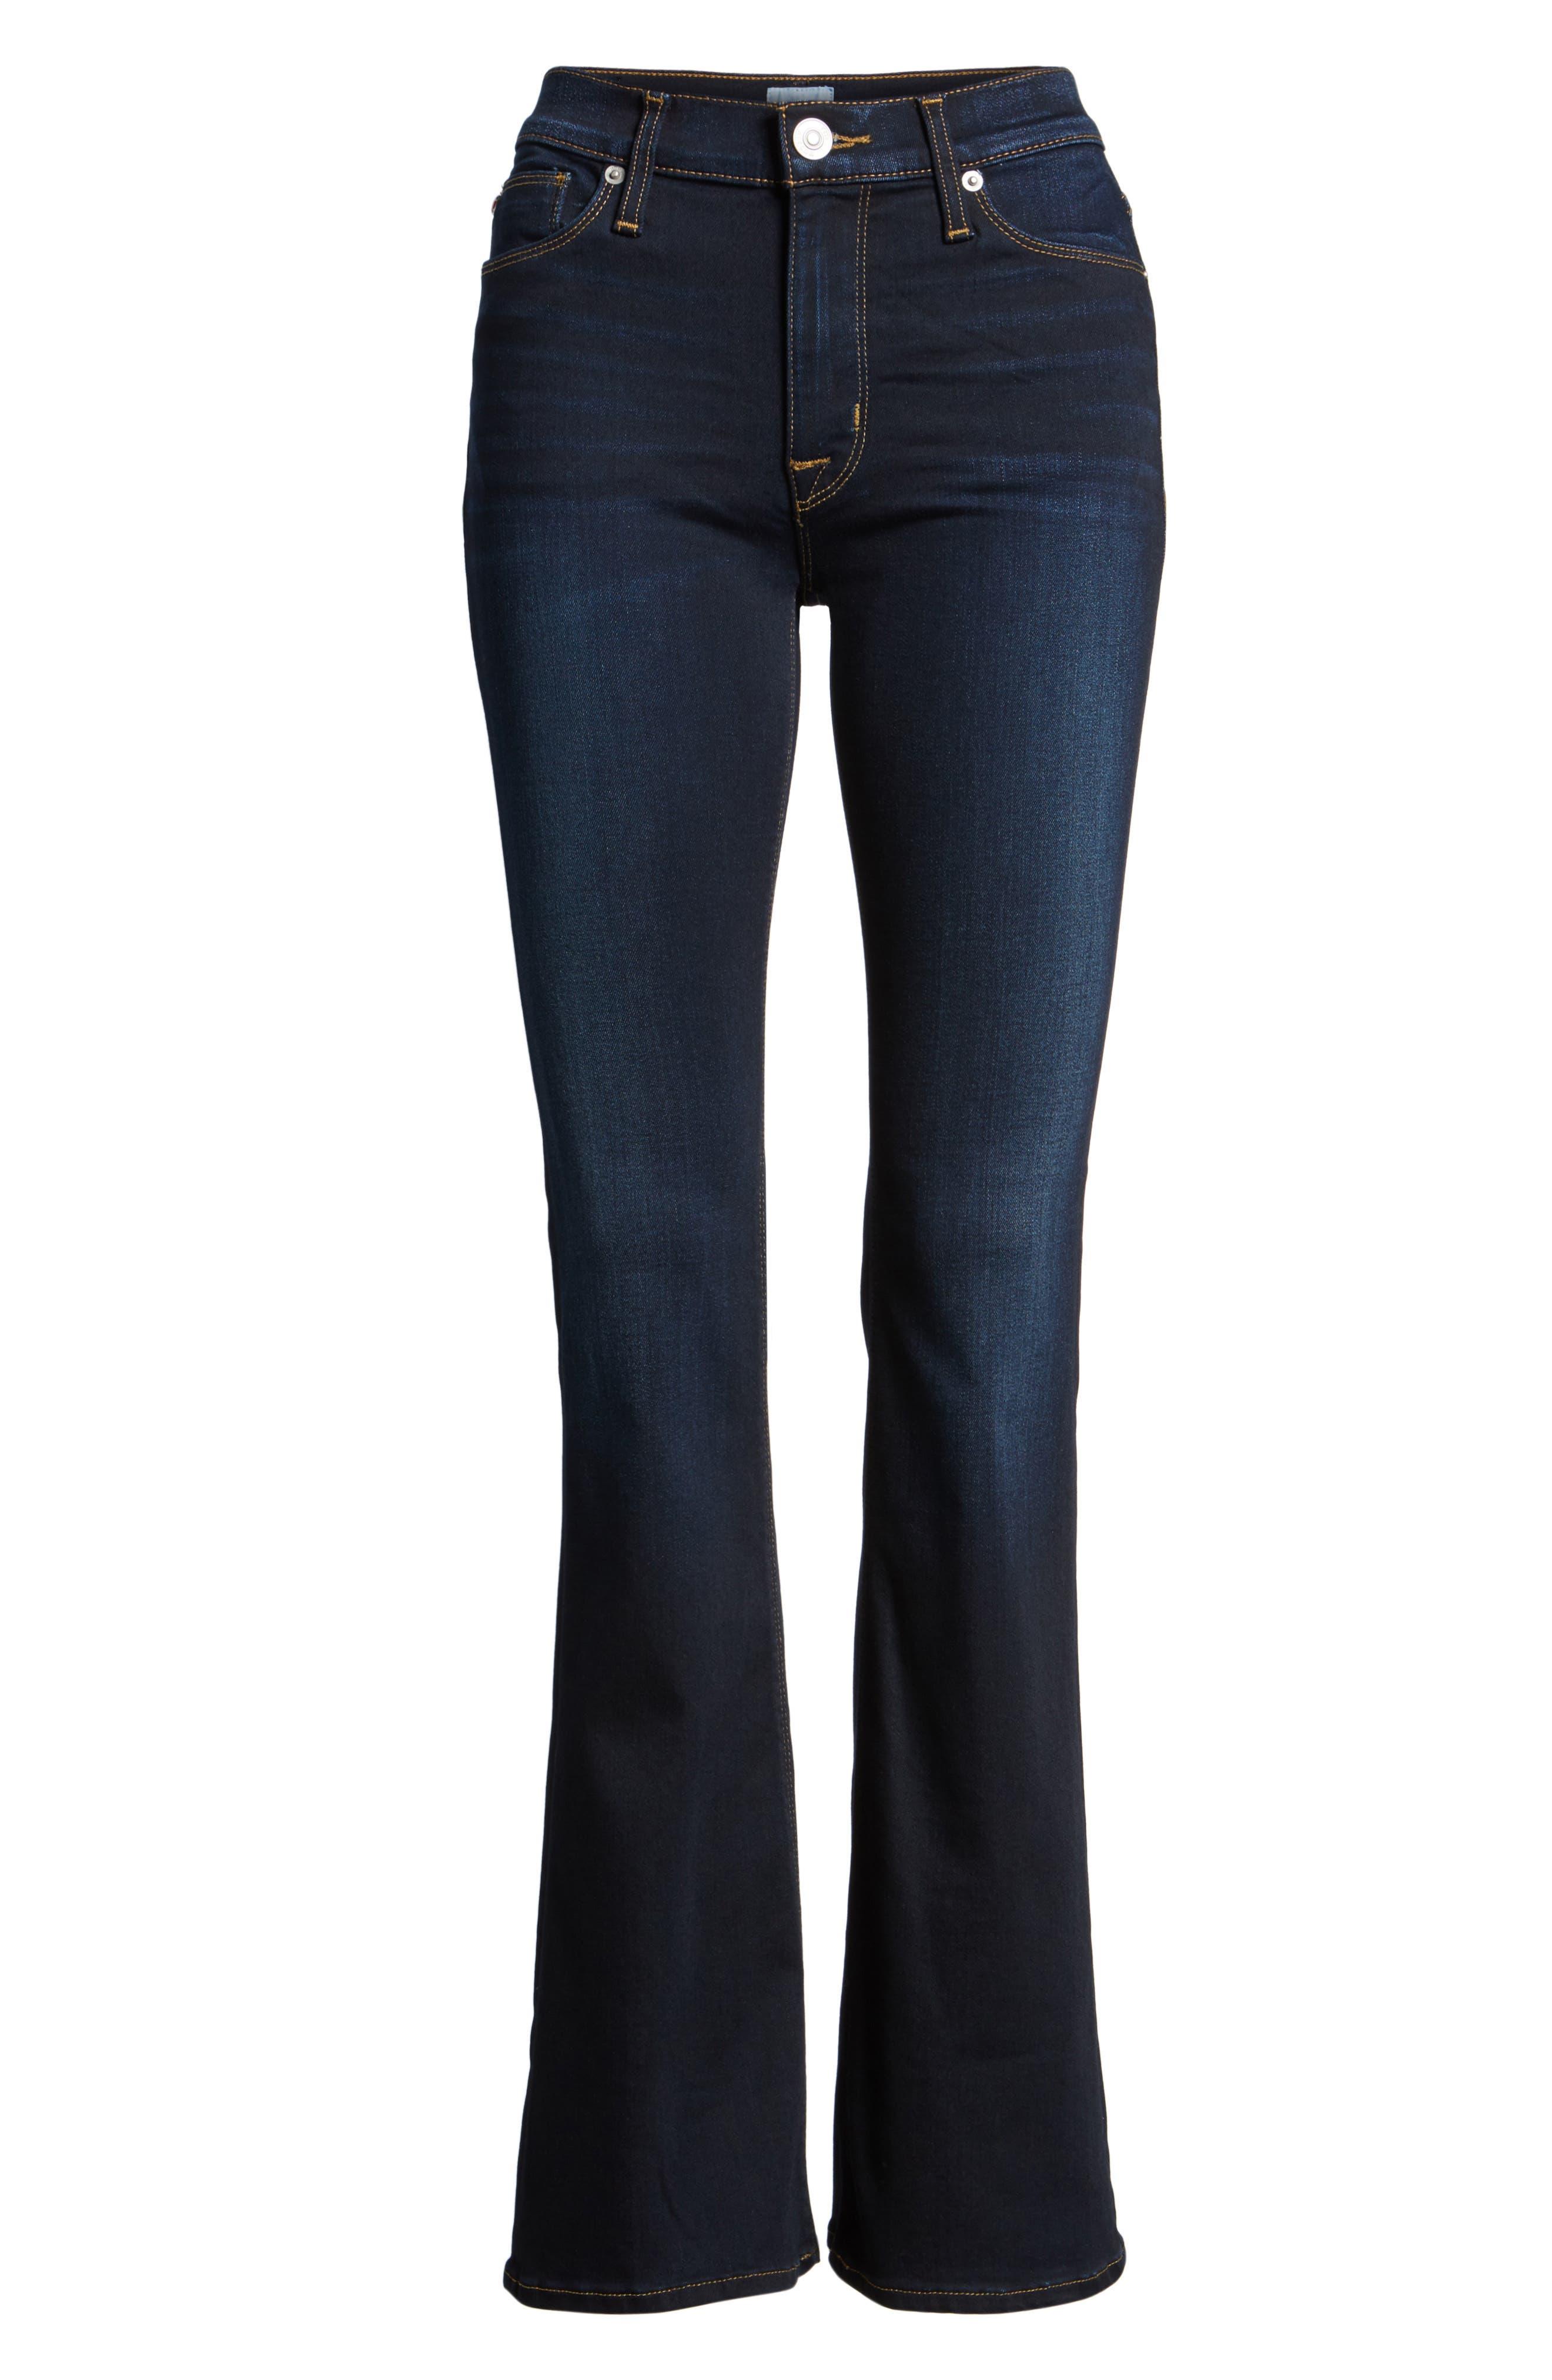 HUDSON JEANS 'Love' Bootcut Jeans, Main, color, REDUX